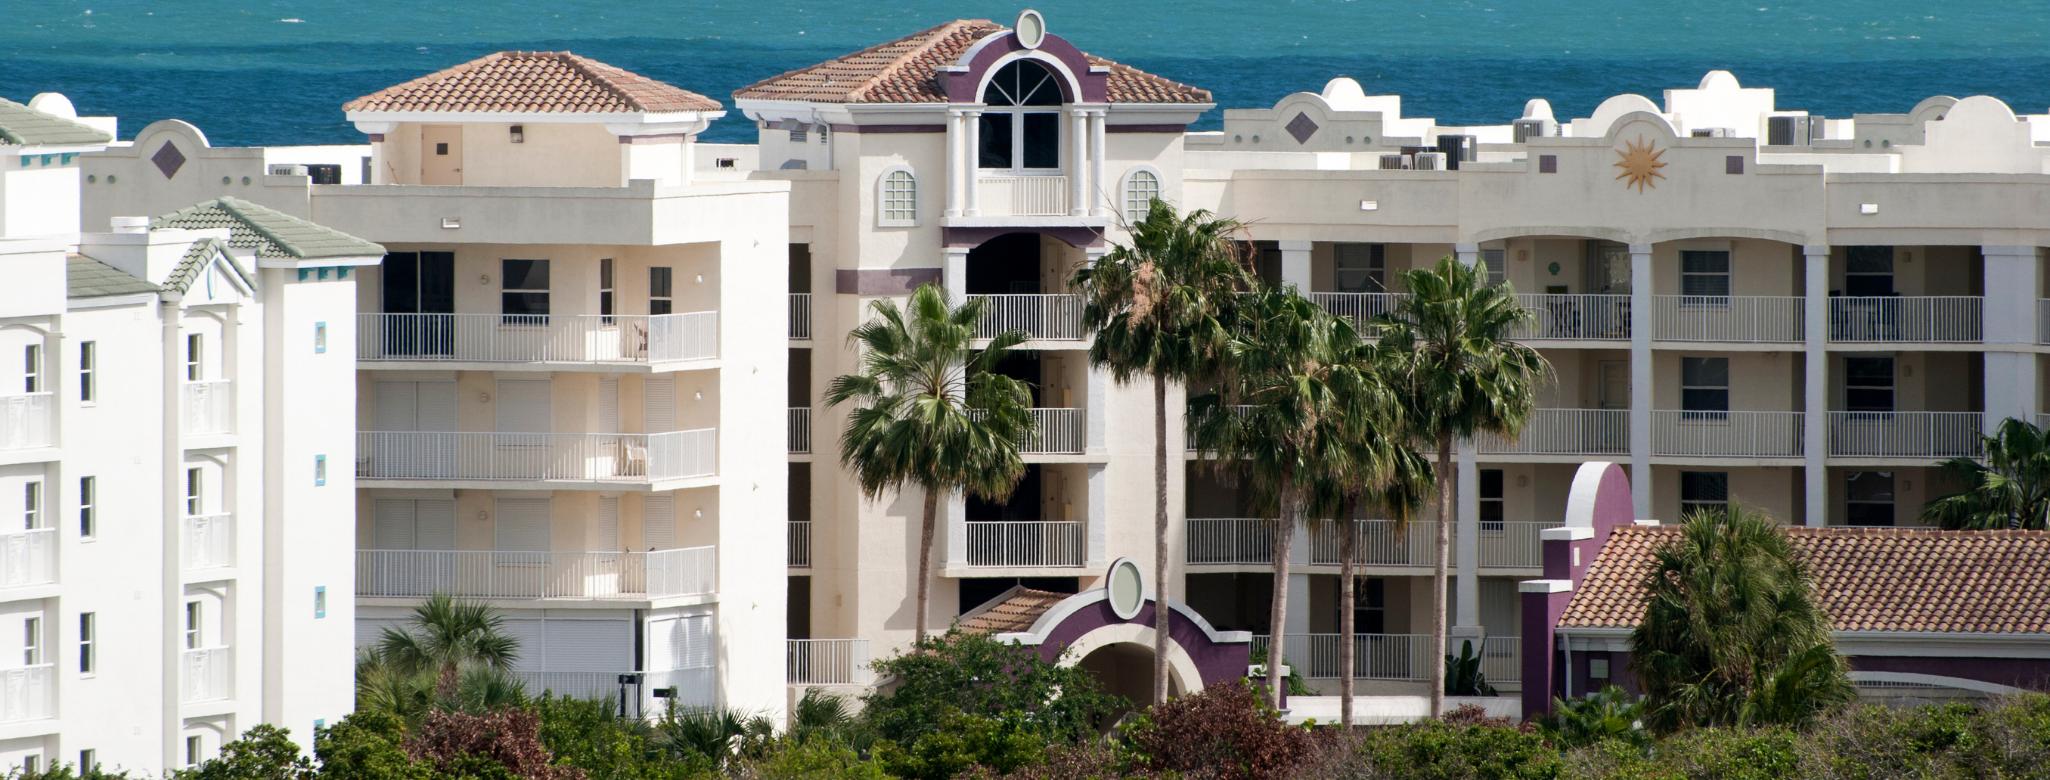 Photo of condo buildings in cape canaveral fl